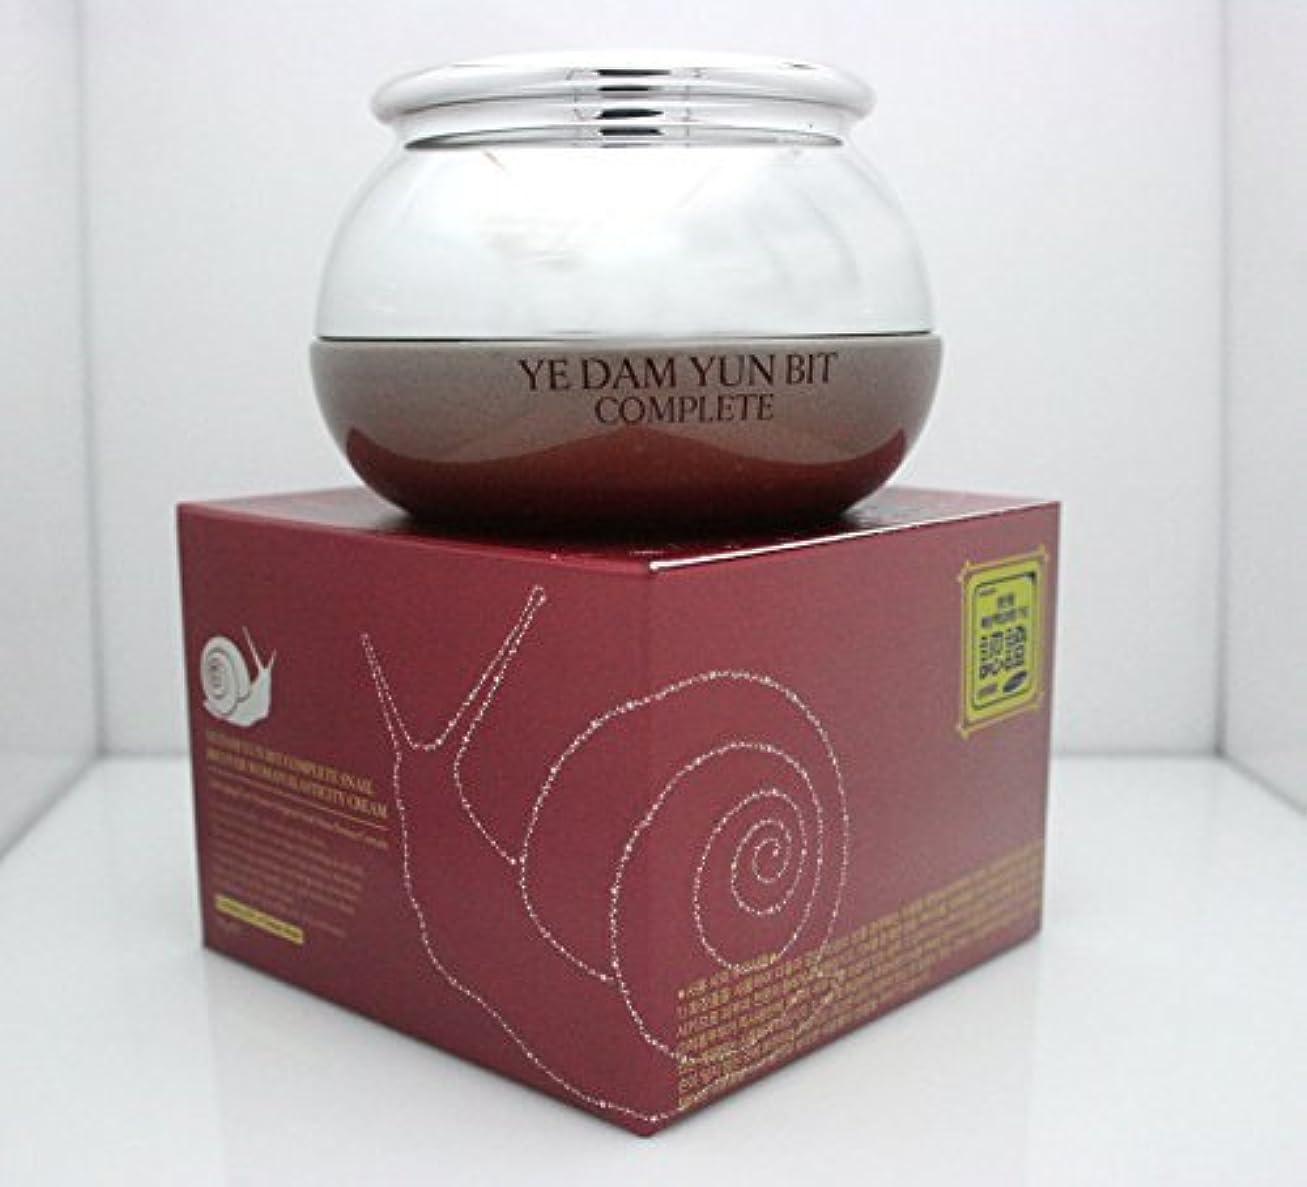 然とした人形メール[YEDAM YUNBIT] 完全なカタツムリ?リフト?リフティング?クリーム50g/韓国化粧品/Complete Snail Recover Lifting Cream 50g/Korean cosmetics [並行輸入品]